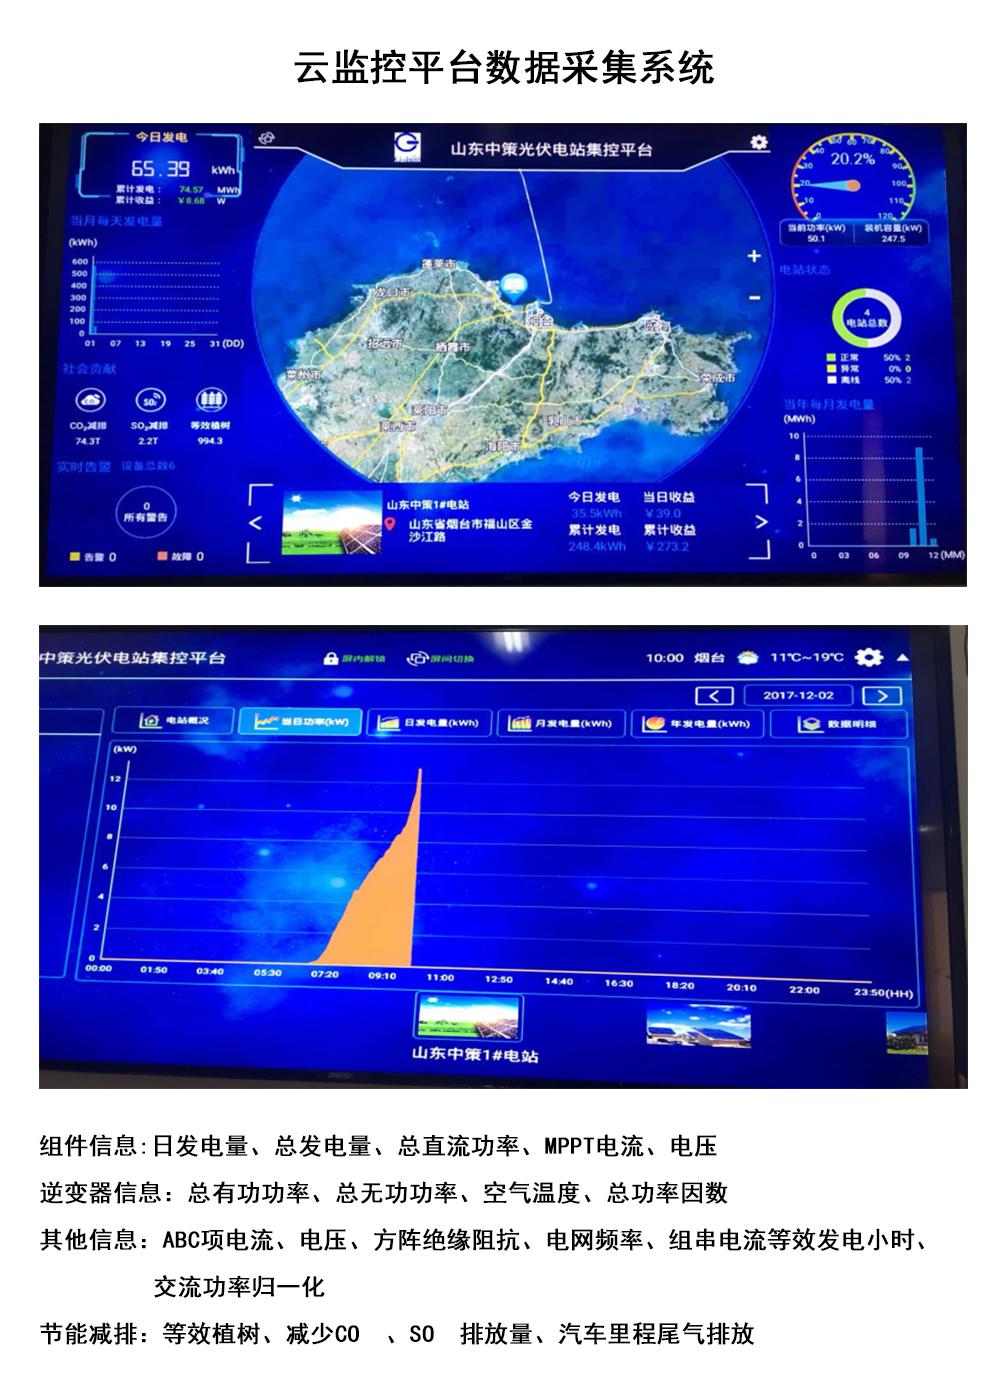 云监控平台数据采集系统